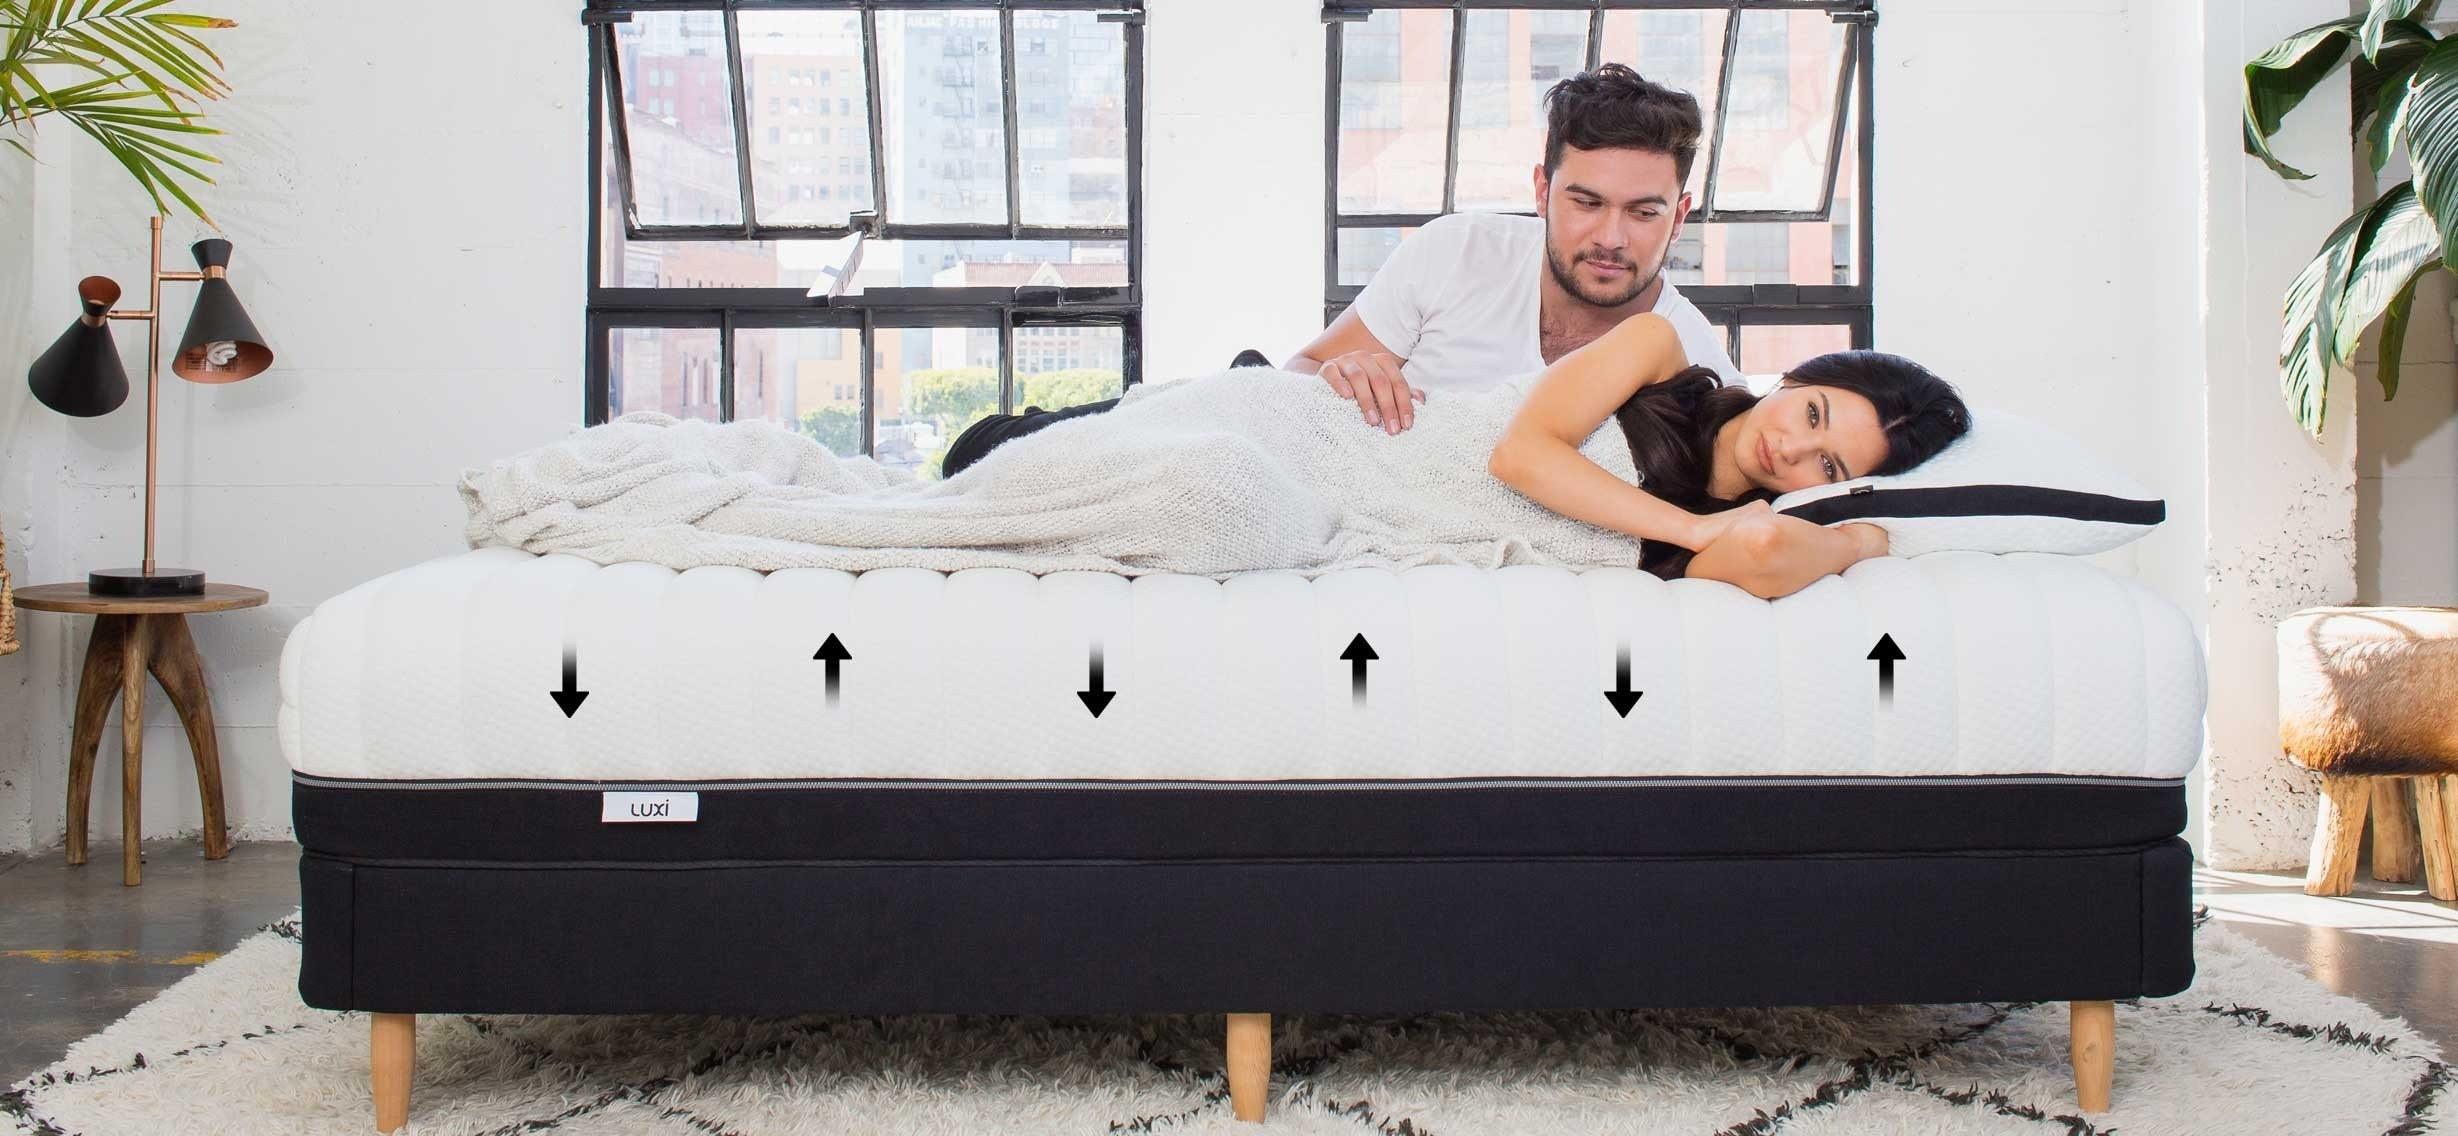 Комфортный двуспальный матрас - хранитель супружеского счастья